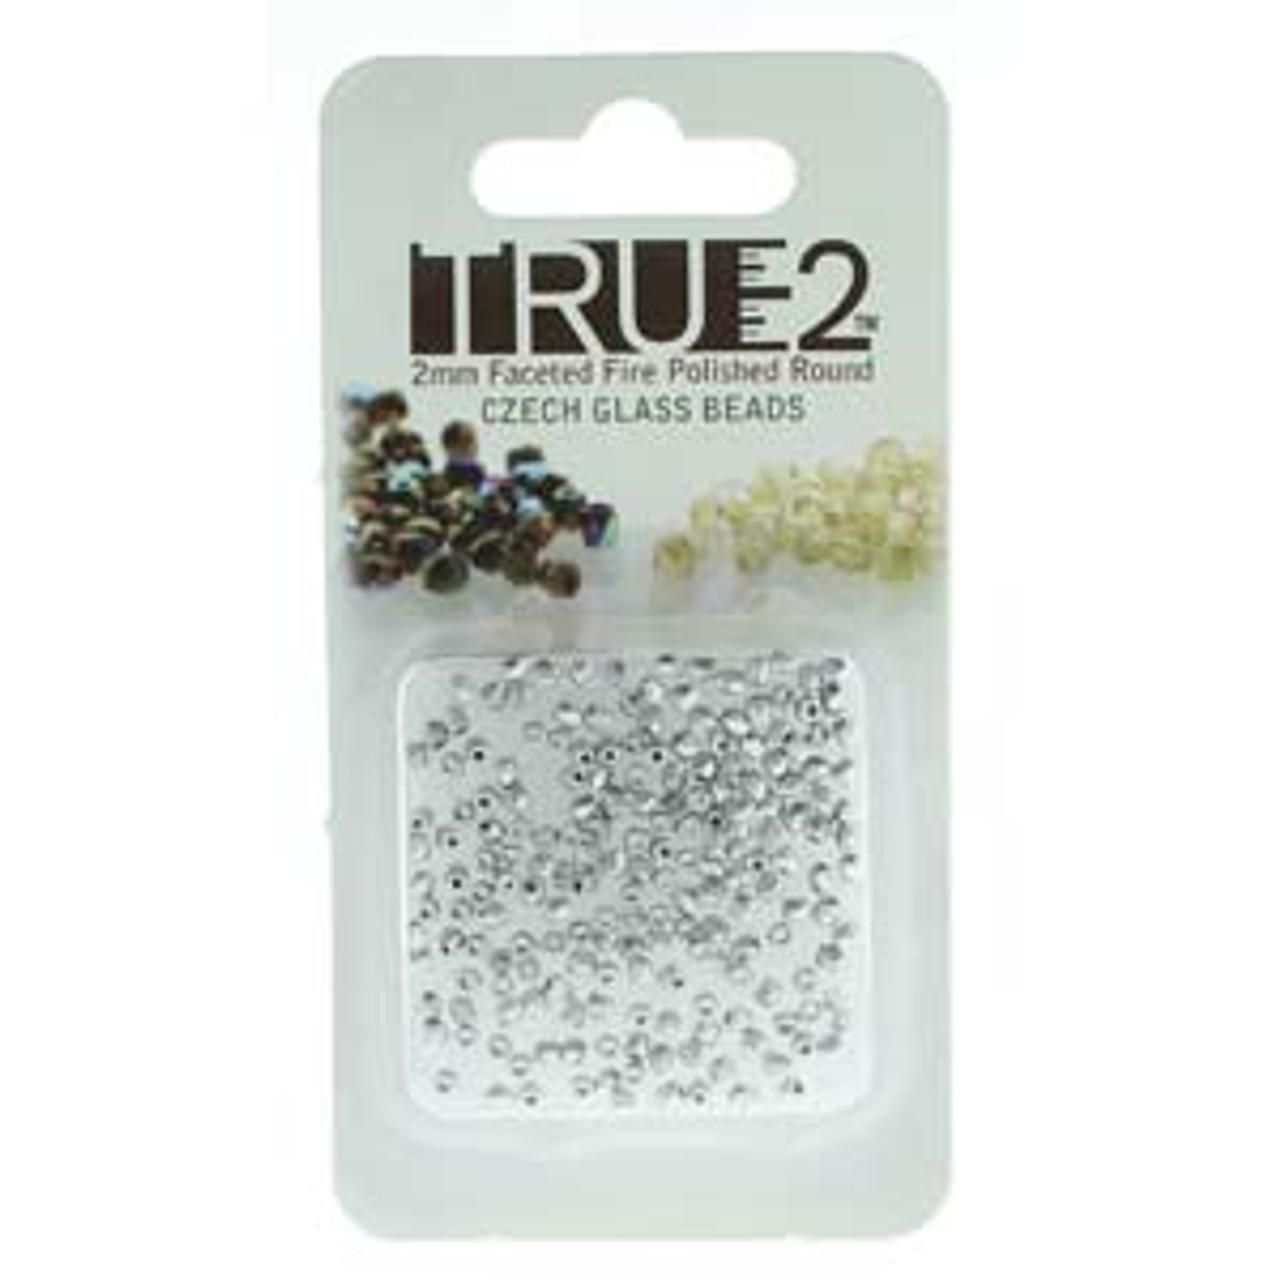 Bronze Aluminum True 2mm Fire Polish Beads - Approx 2 Grams